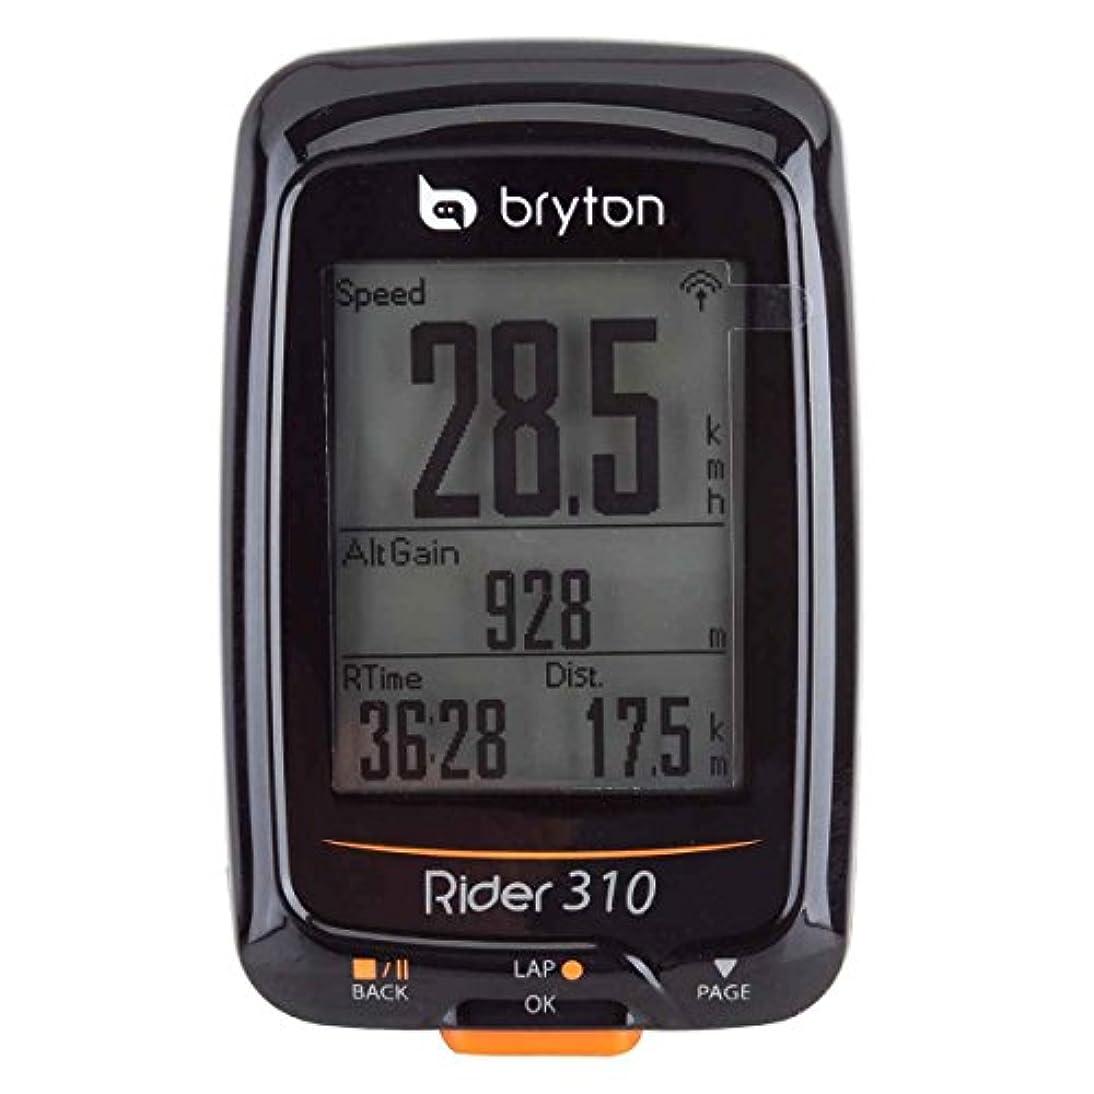 女将ベンチャーカールBryton Rider 310 GPSバイクコンピュータ